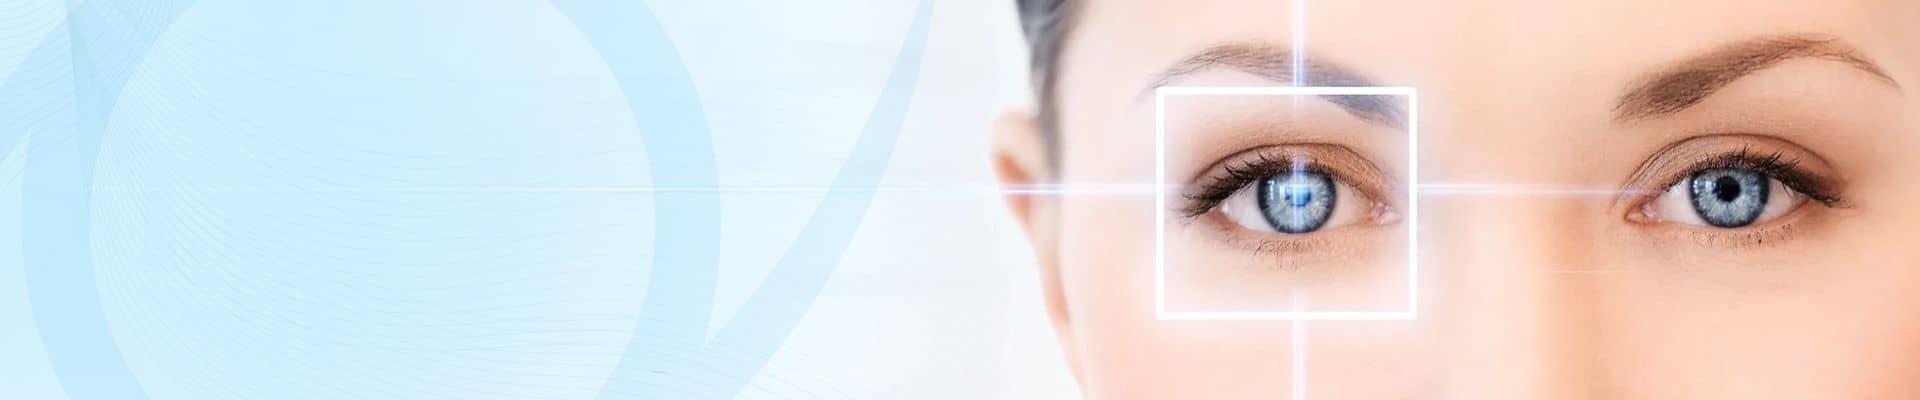 gyenge látás és kezelések)